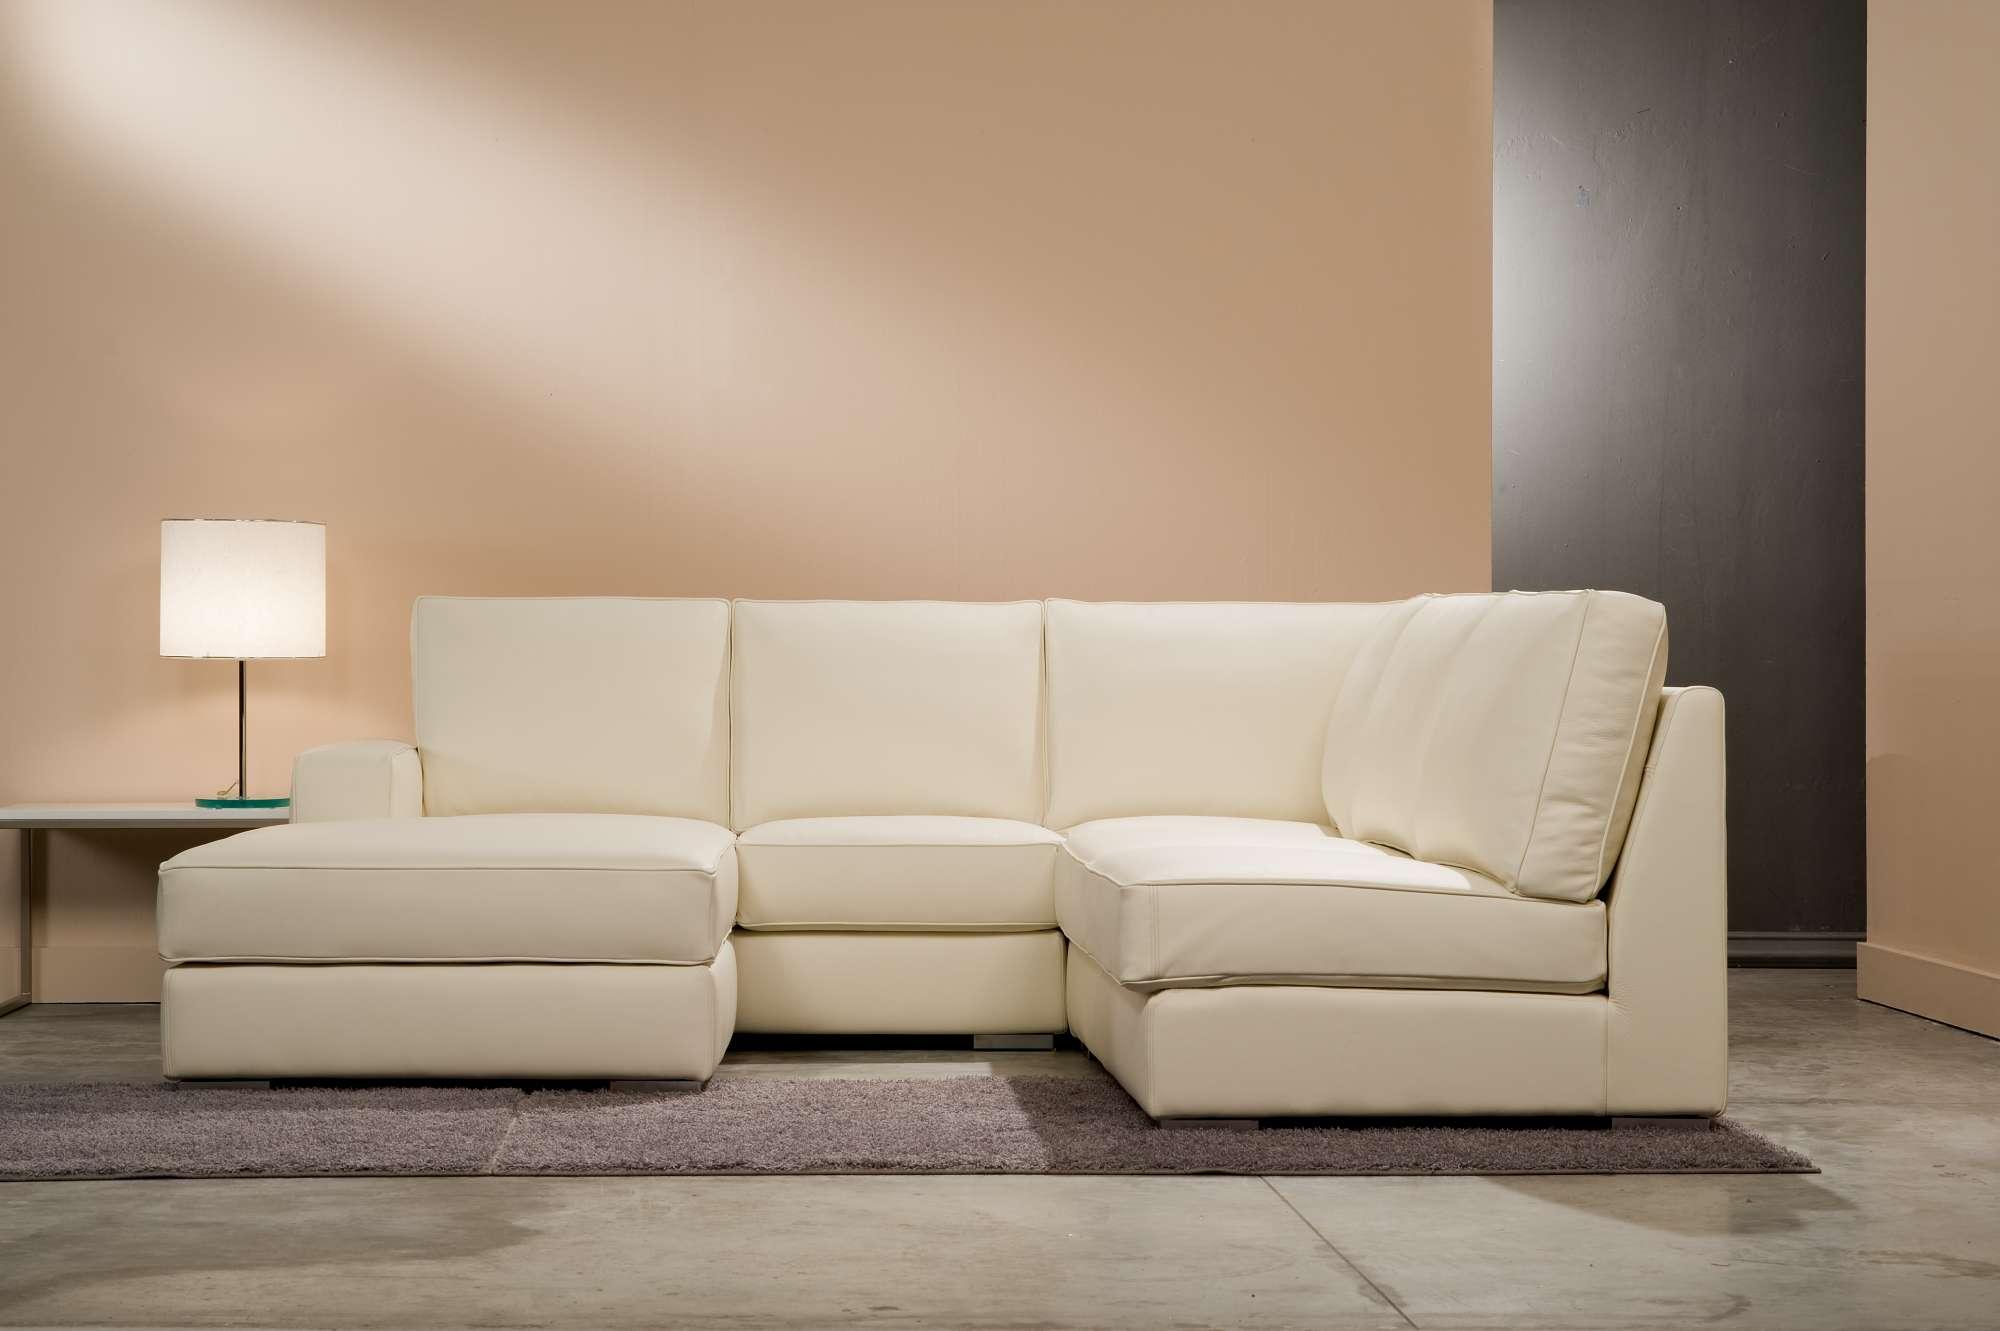 Village divani letto componibili collezione intramontabili - Cuscini lunghi per letto ...